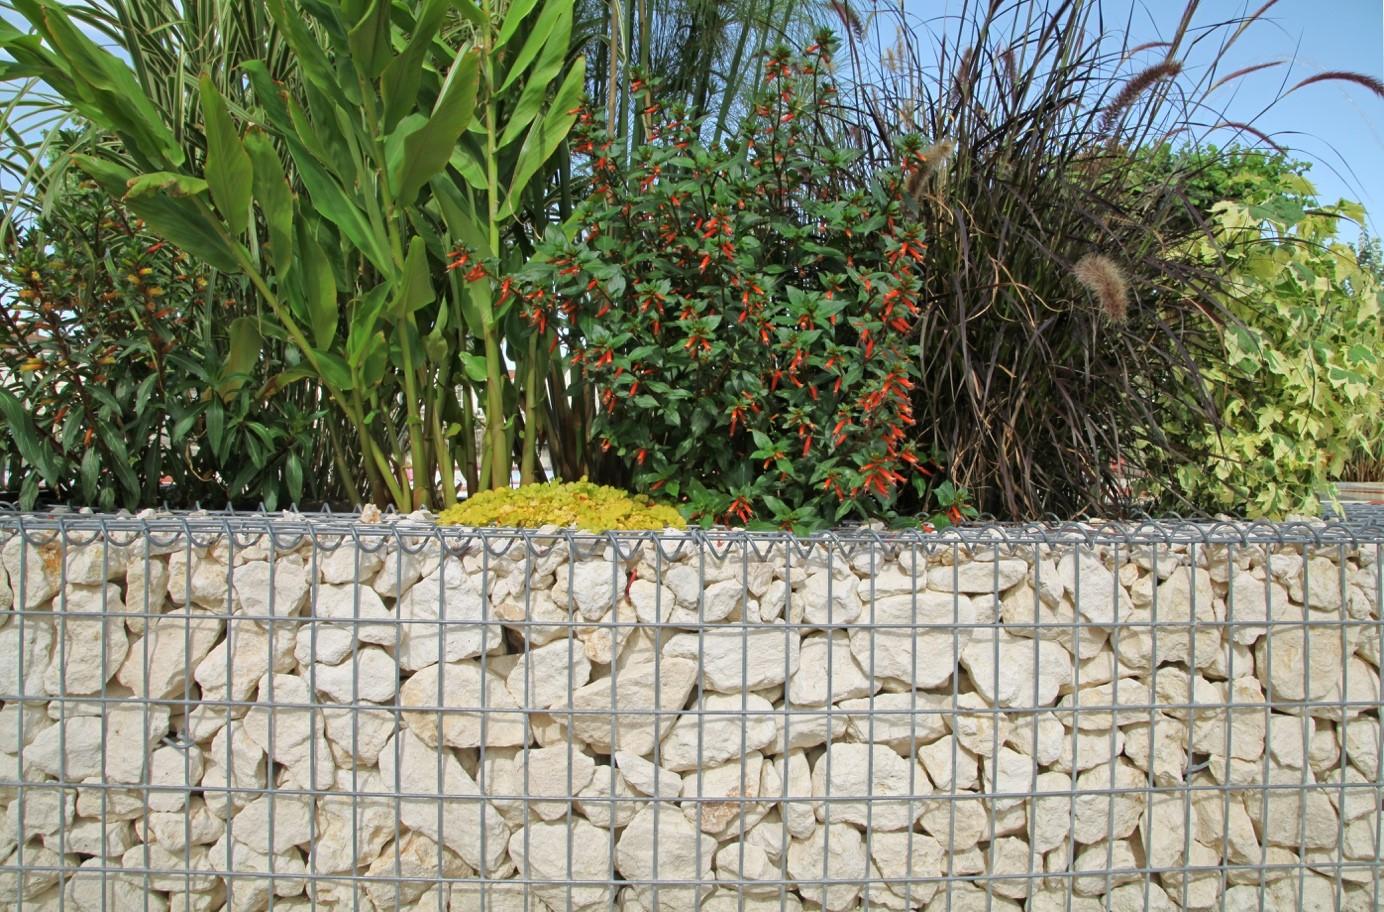 d774930e95 La tendance actuelle est aussi à l'utilisation de gabions (cages  métalliques contenants des pierres), présentant un coût important et ne  permettant pas une ...